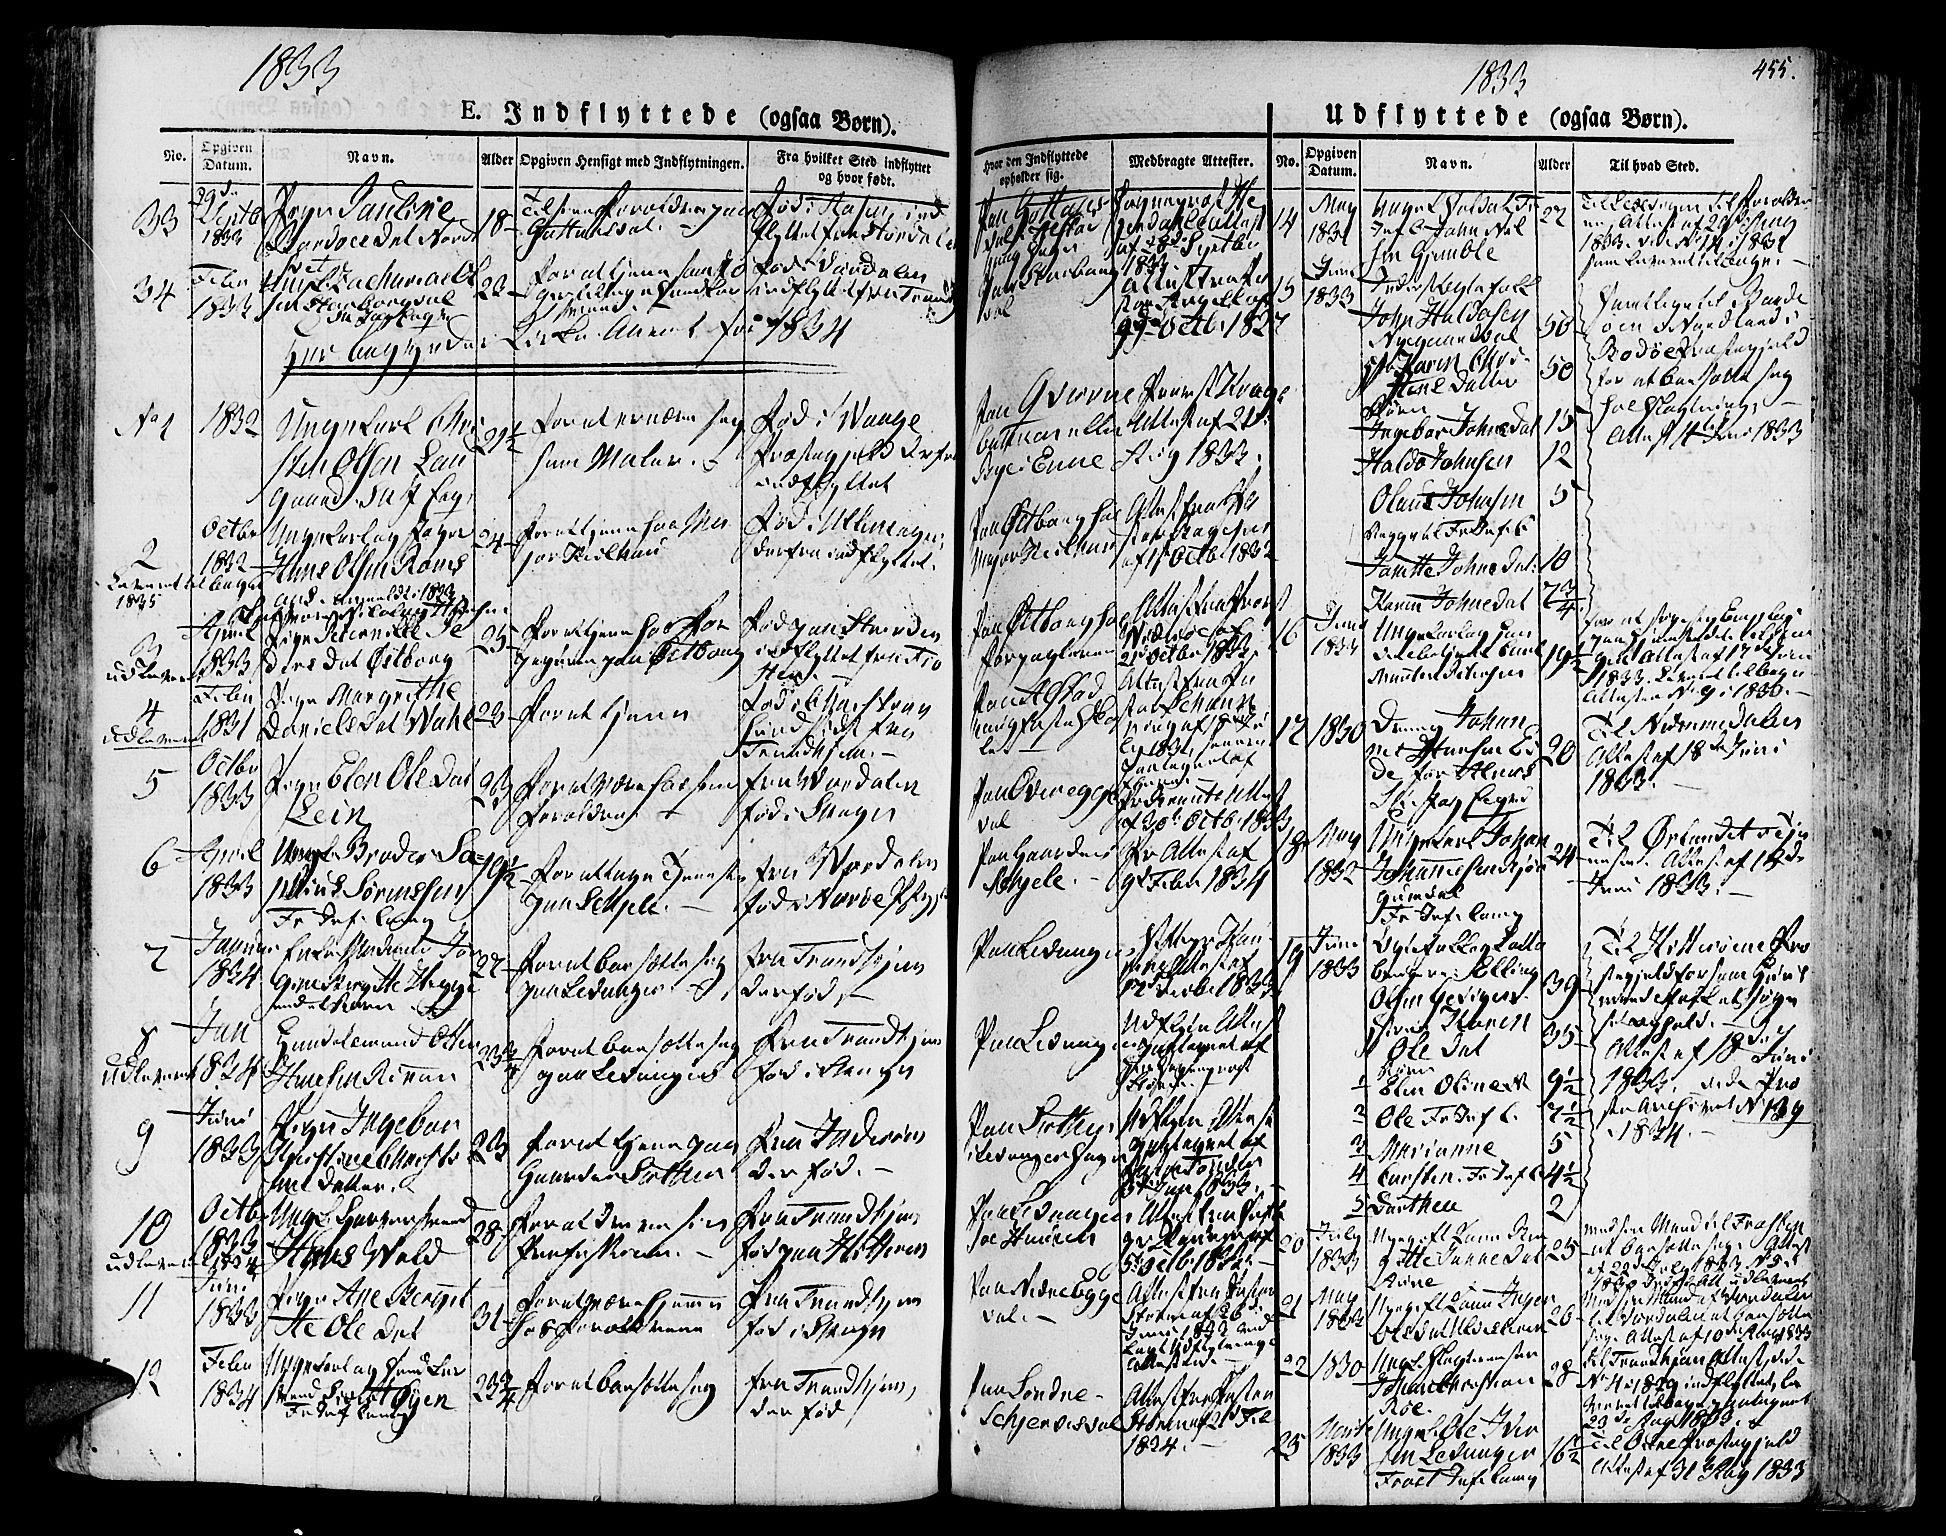 SAT, Ministerialprotokoller, klokkerbøker og fødselsregistre - Nord-Trøndelag, 717/L0152: Ministerialbok nr. 717A05 /1, 1825-1836, s. 455